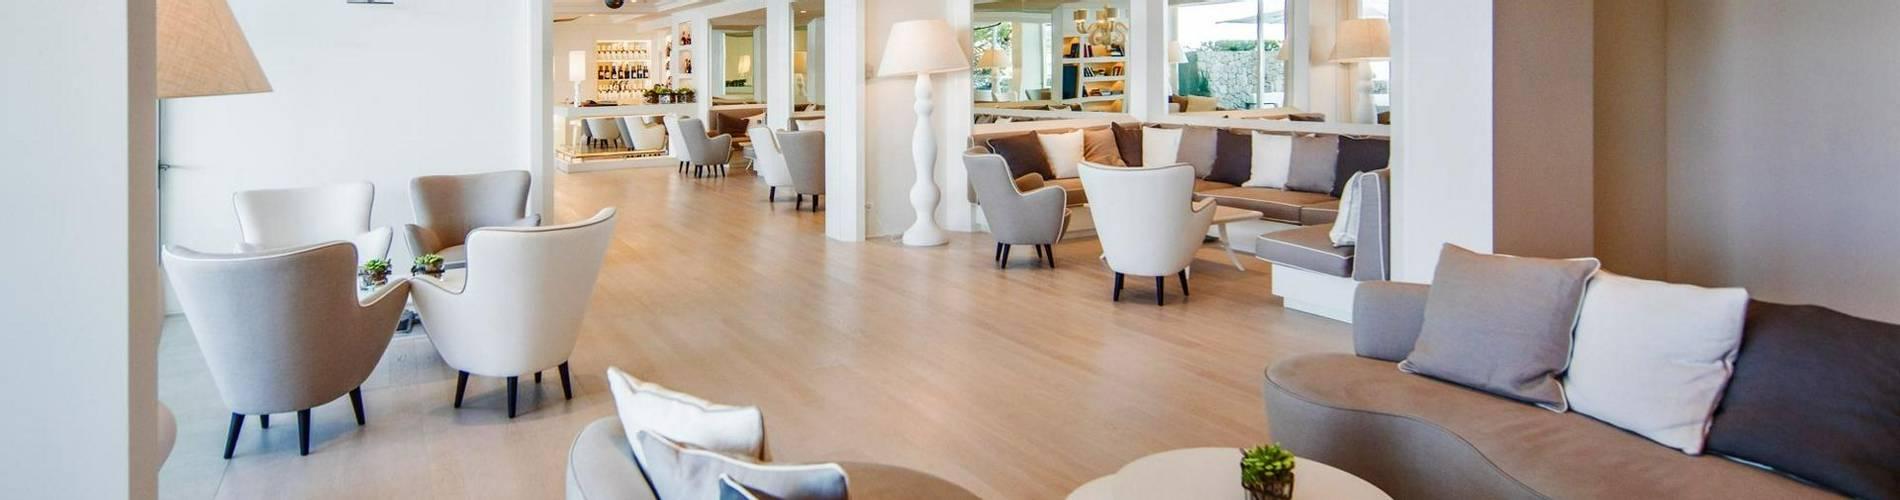 Interior of Hotel Villa Dubrovnik.jpg